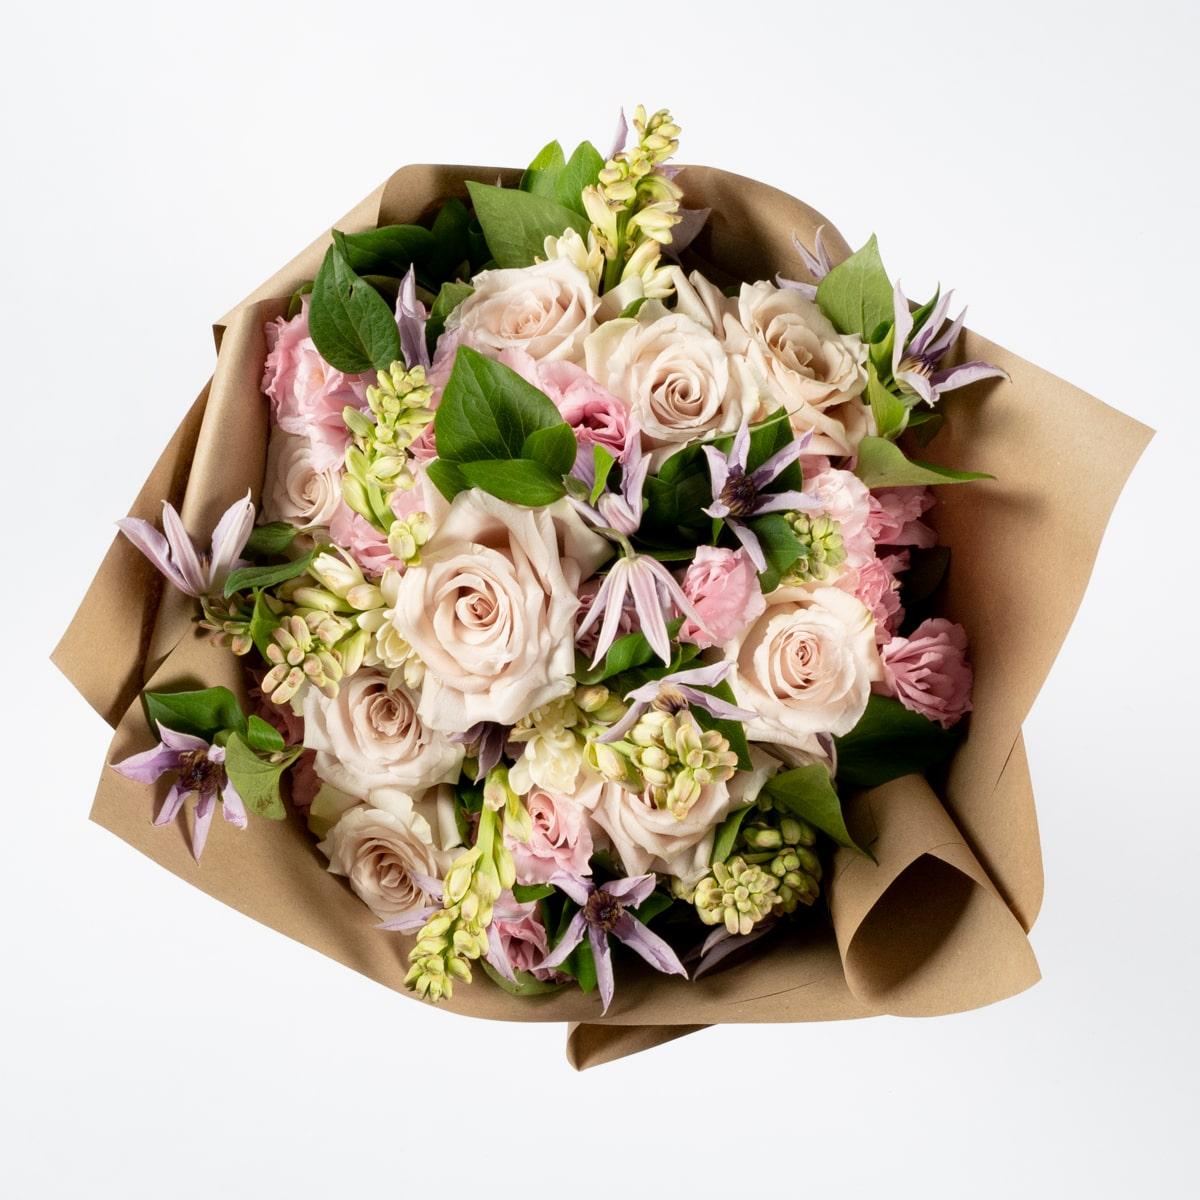 Bloom - Ledbury